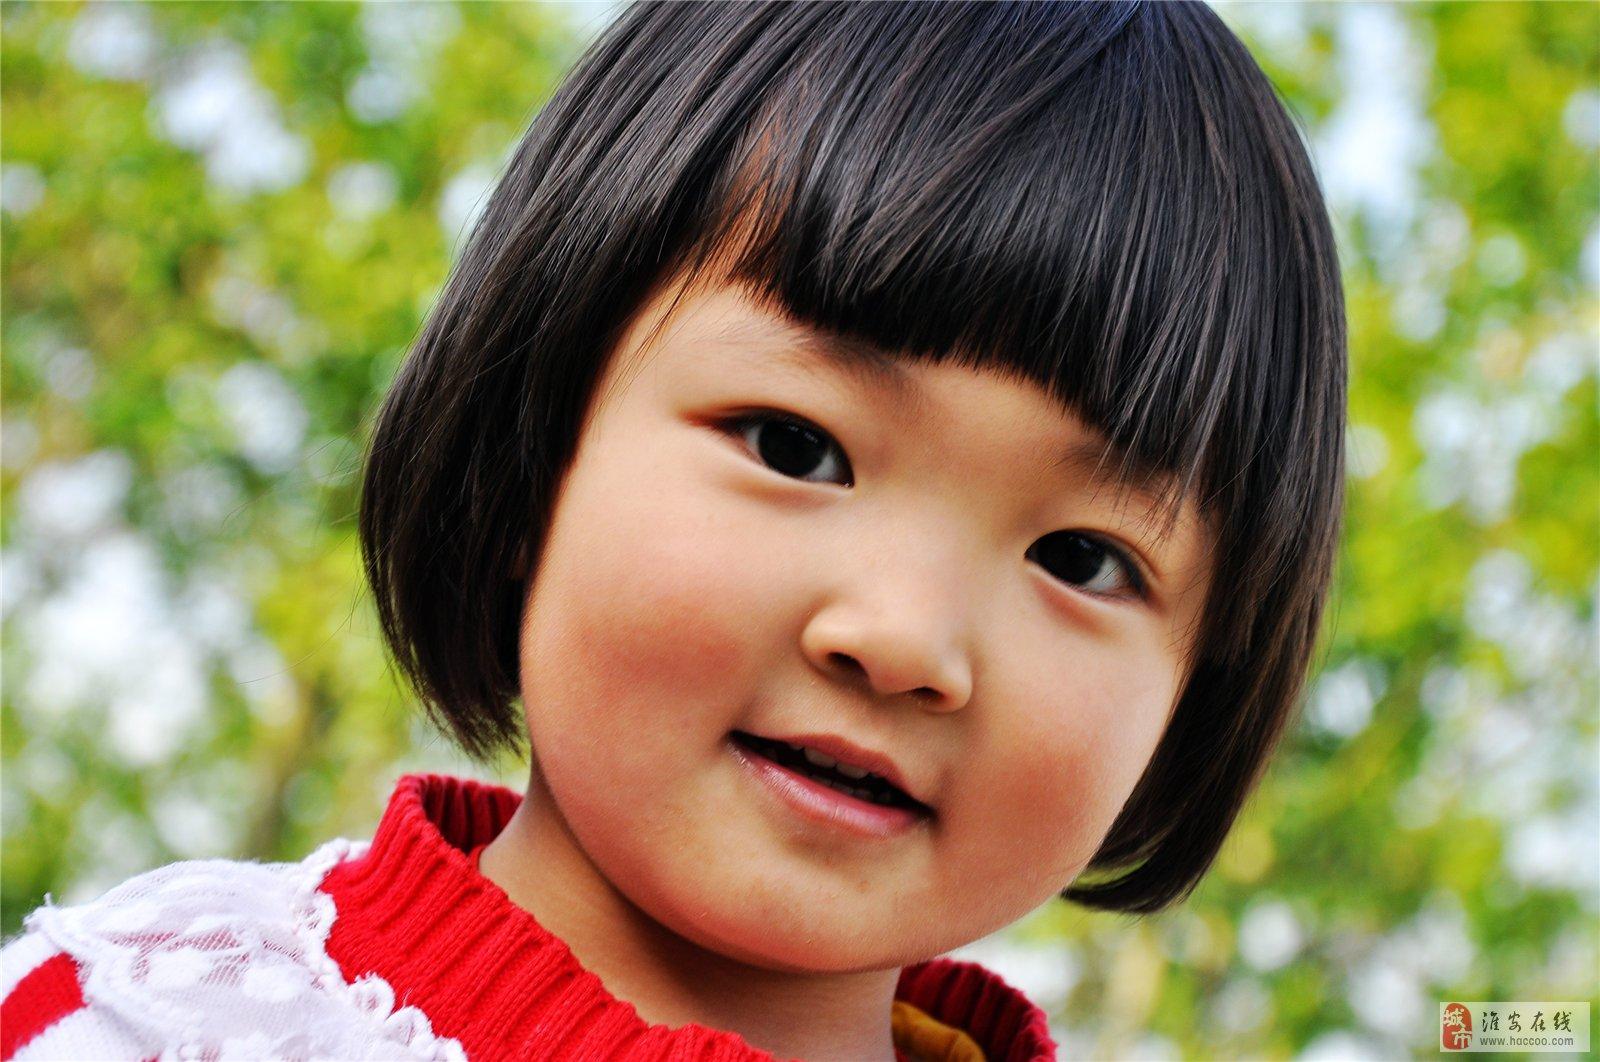 可爱的小女孩_摄影美景